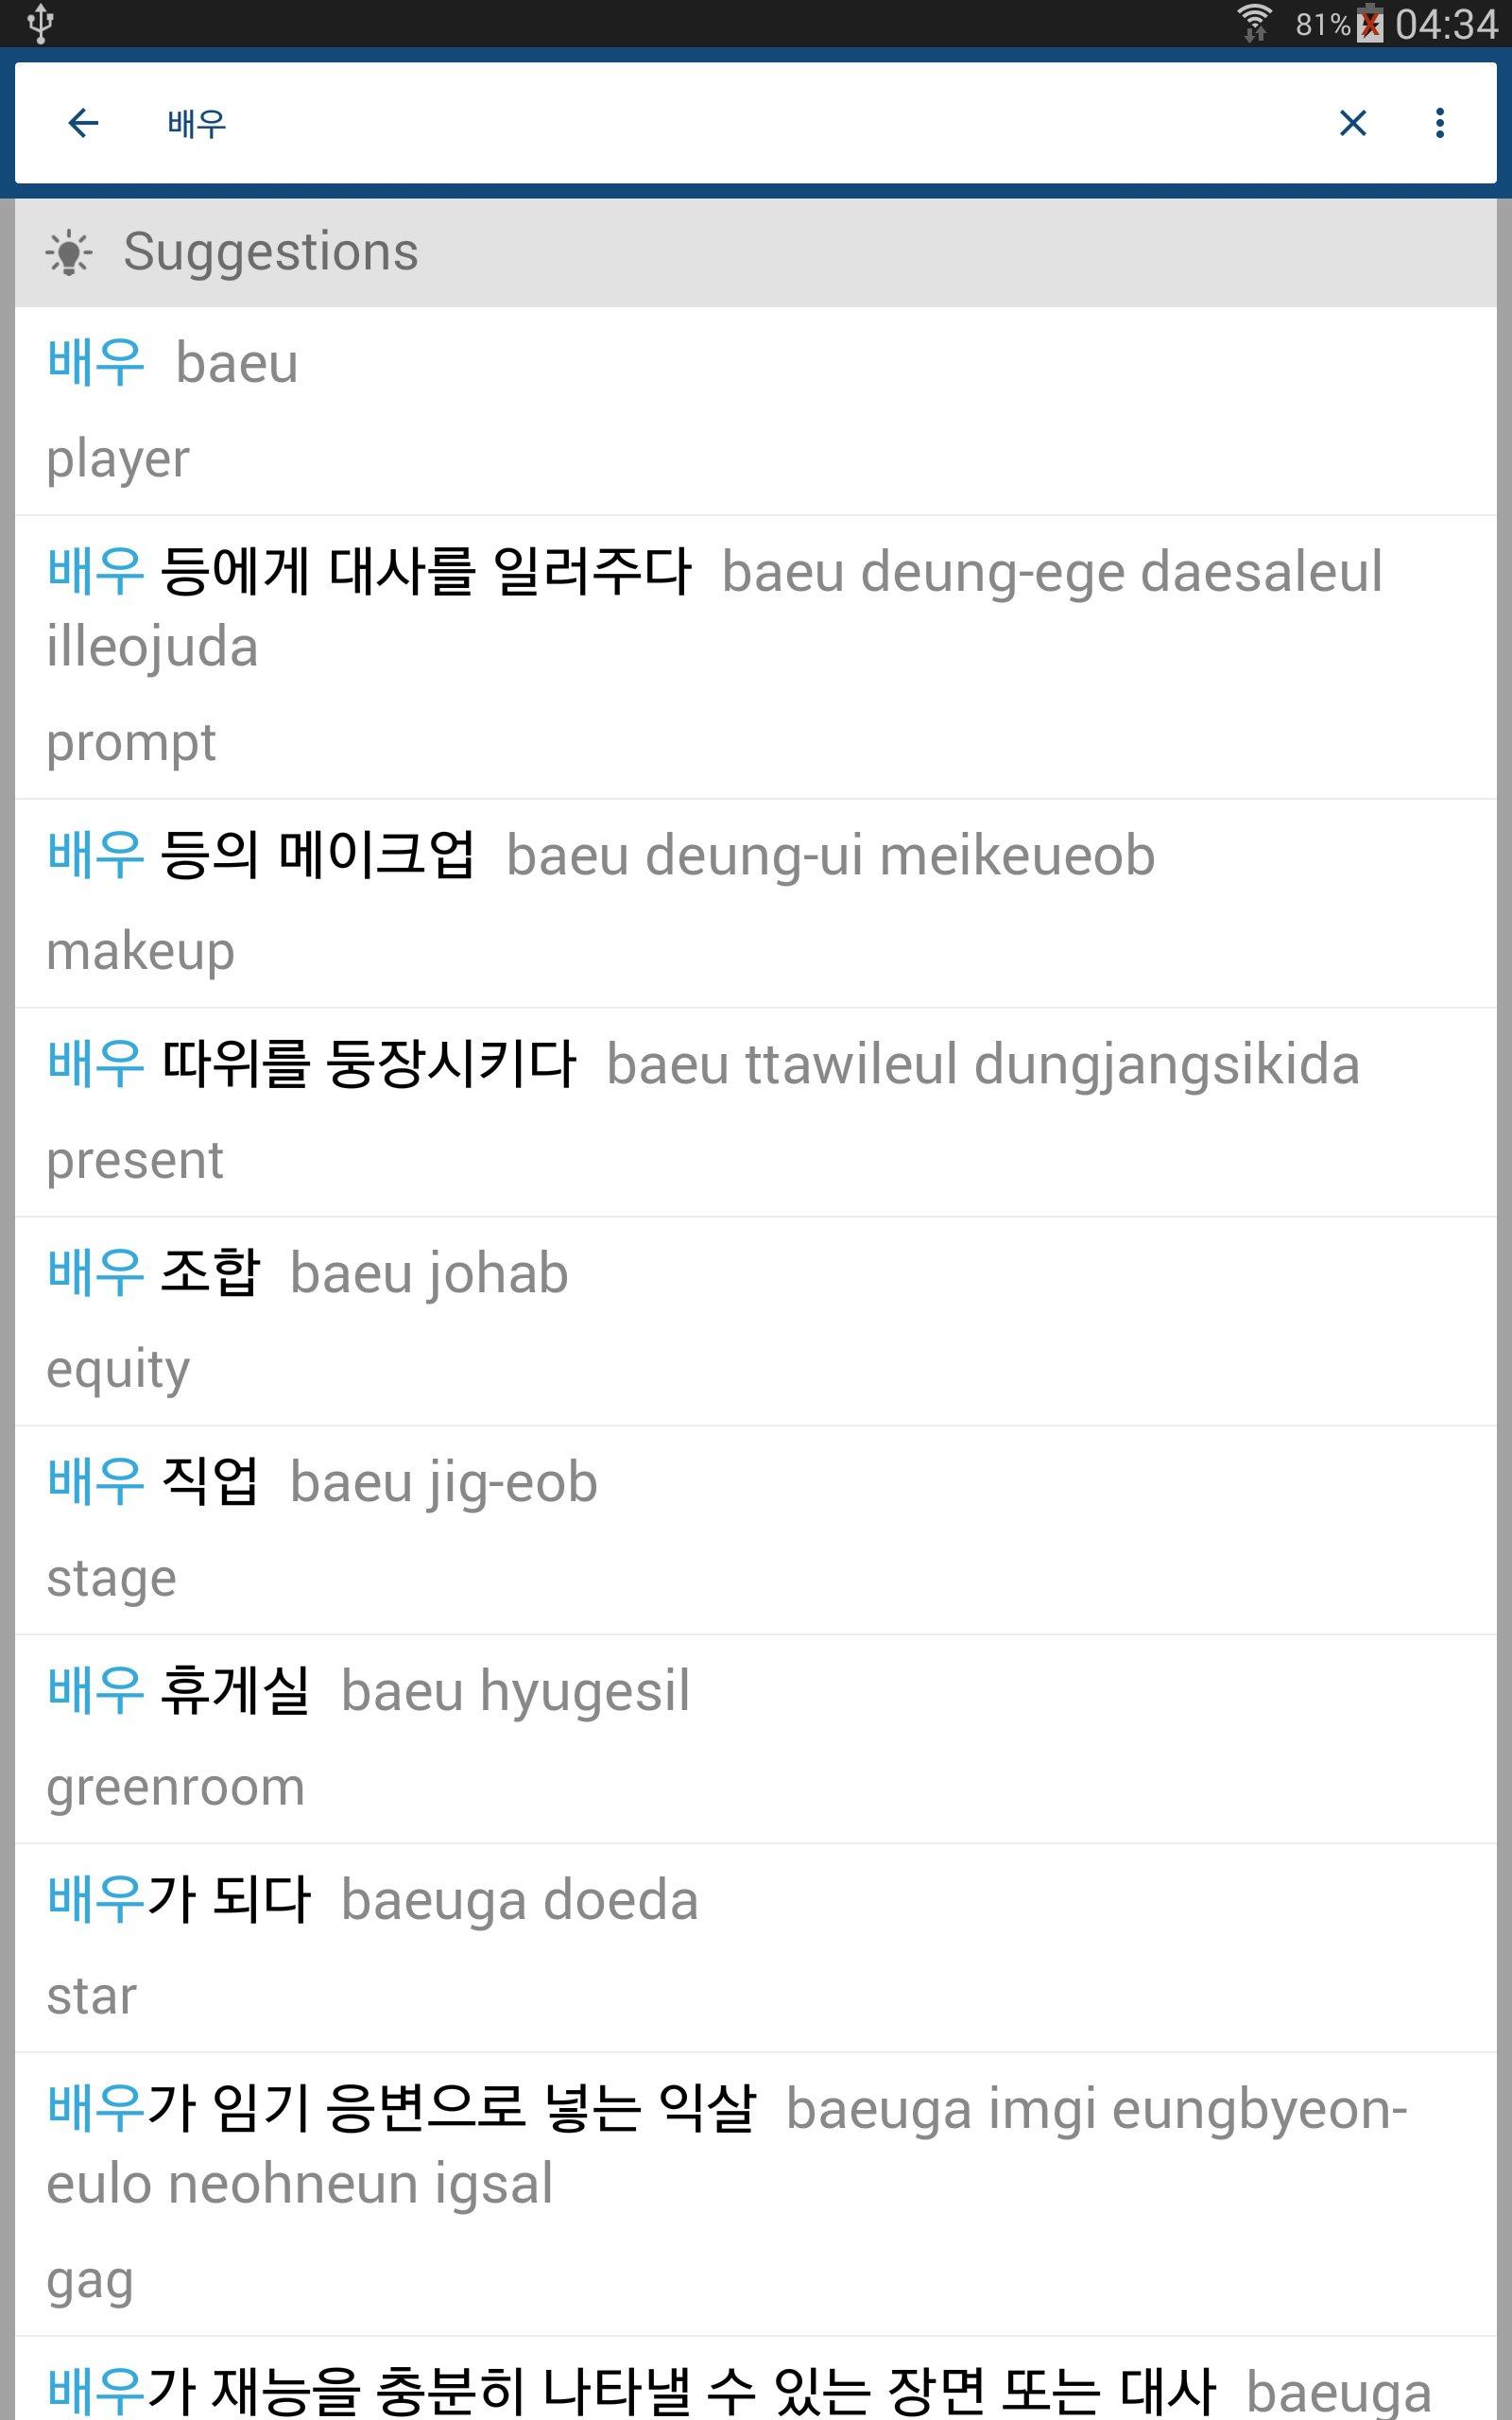 دانلود برنامه دیکشنری و مترجم کره ای به انگلیسی